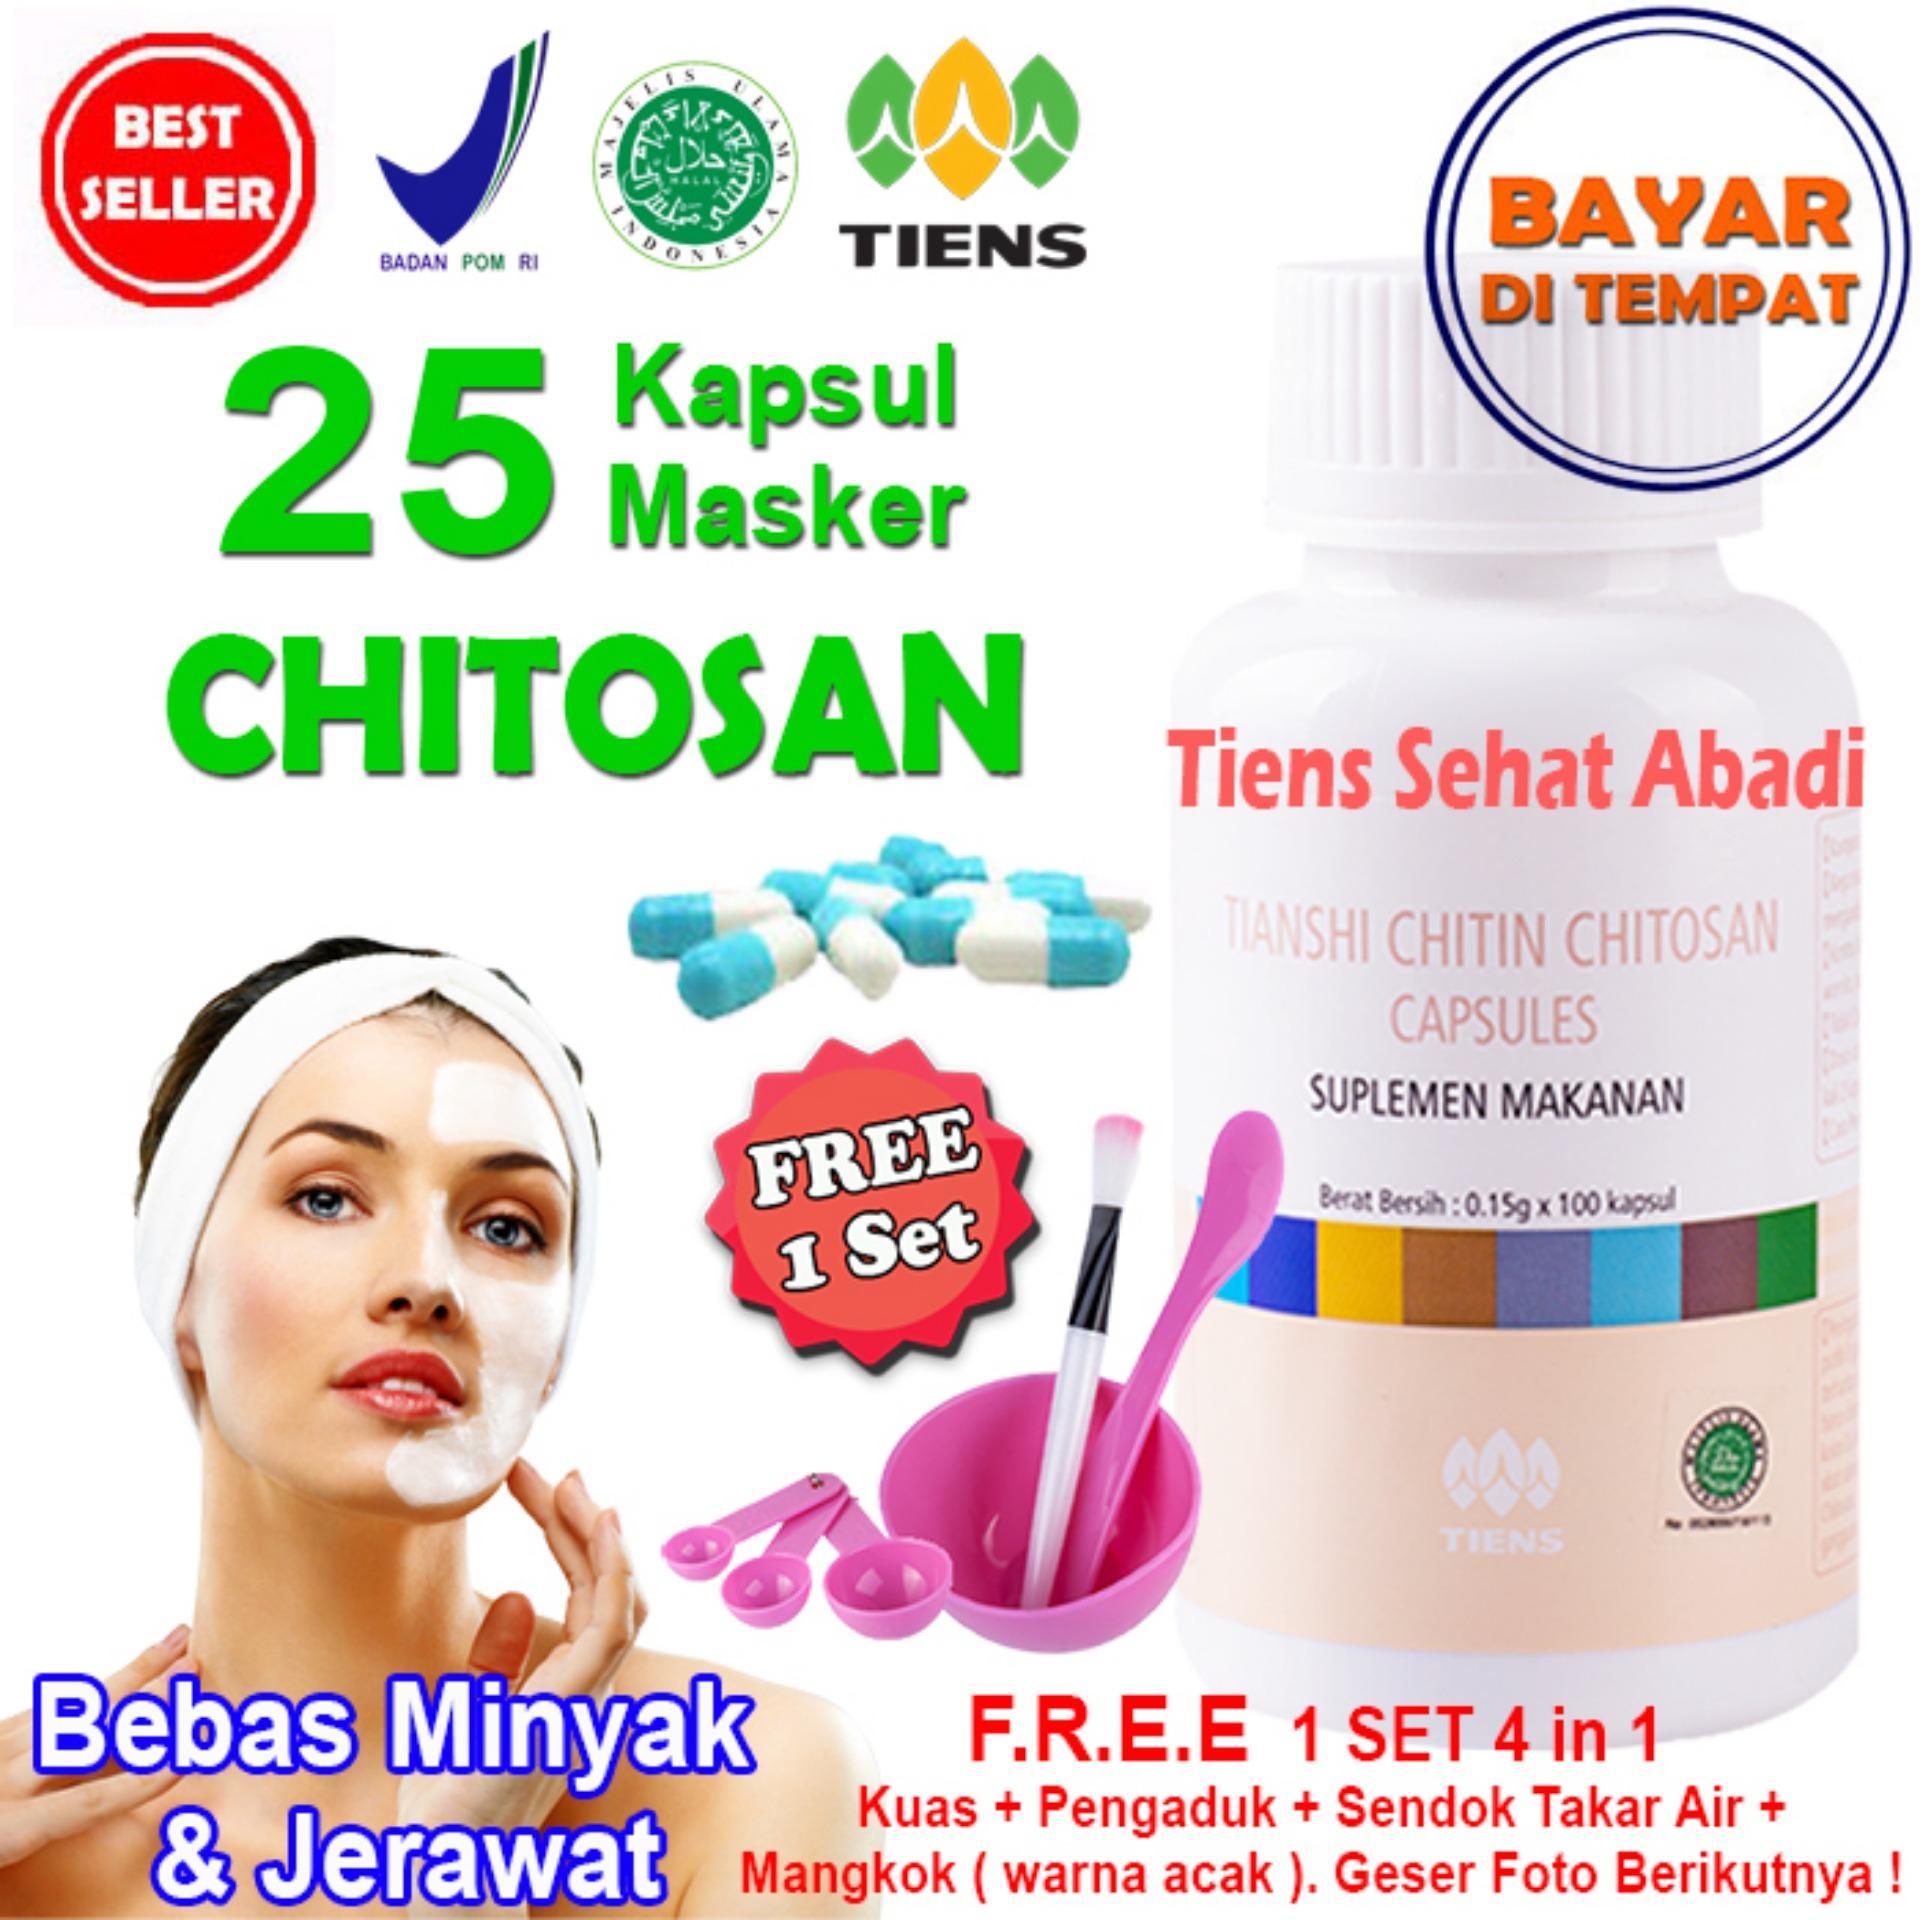 Masker TIENS Chitosan Herbal Anti Jerawat - isi 25 Kapsul | Obat jerawat | Obat penghilang jerawat | Obat penghilang bekas jerawat | Obat bekas jerawat |